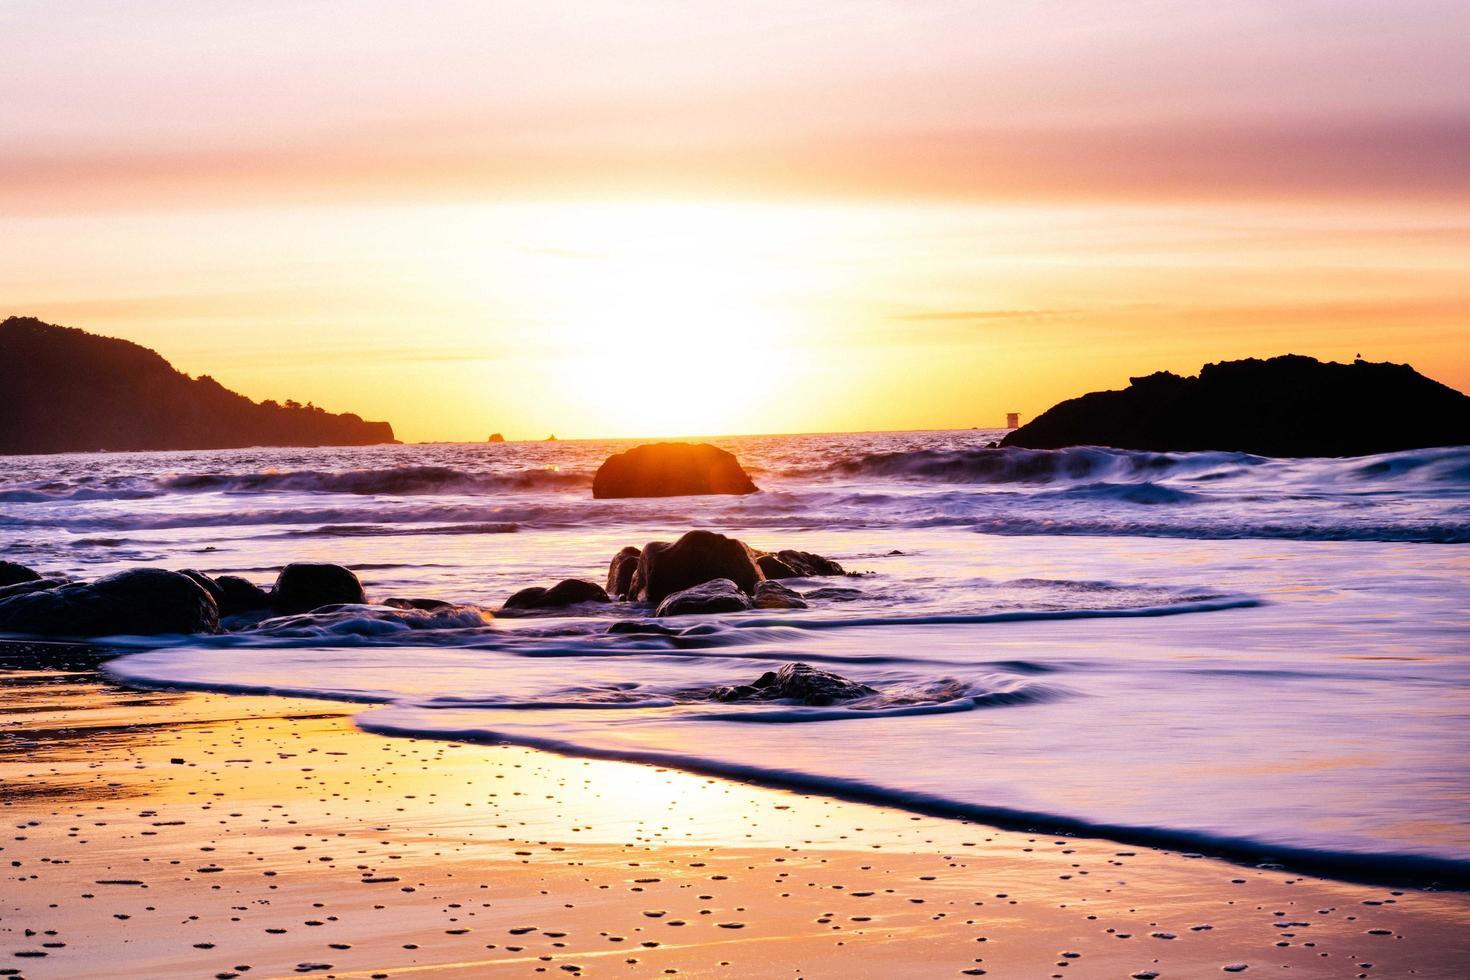 solnedgång över horisonten på en strand foto